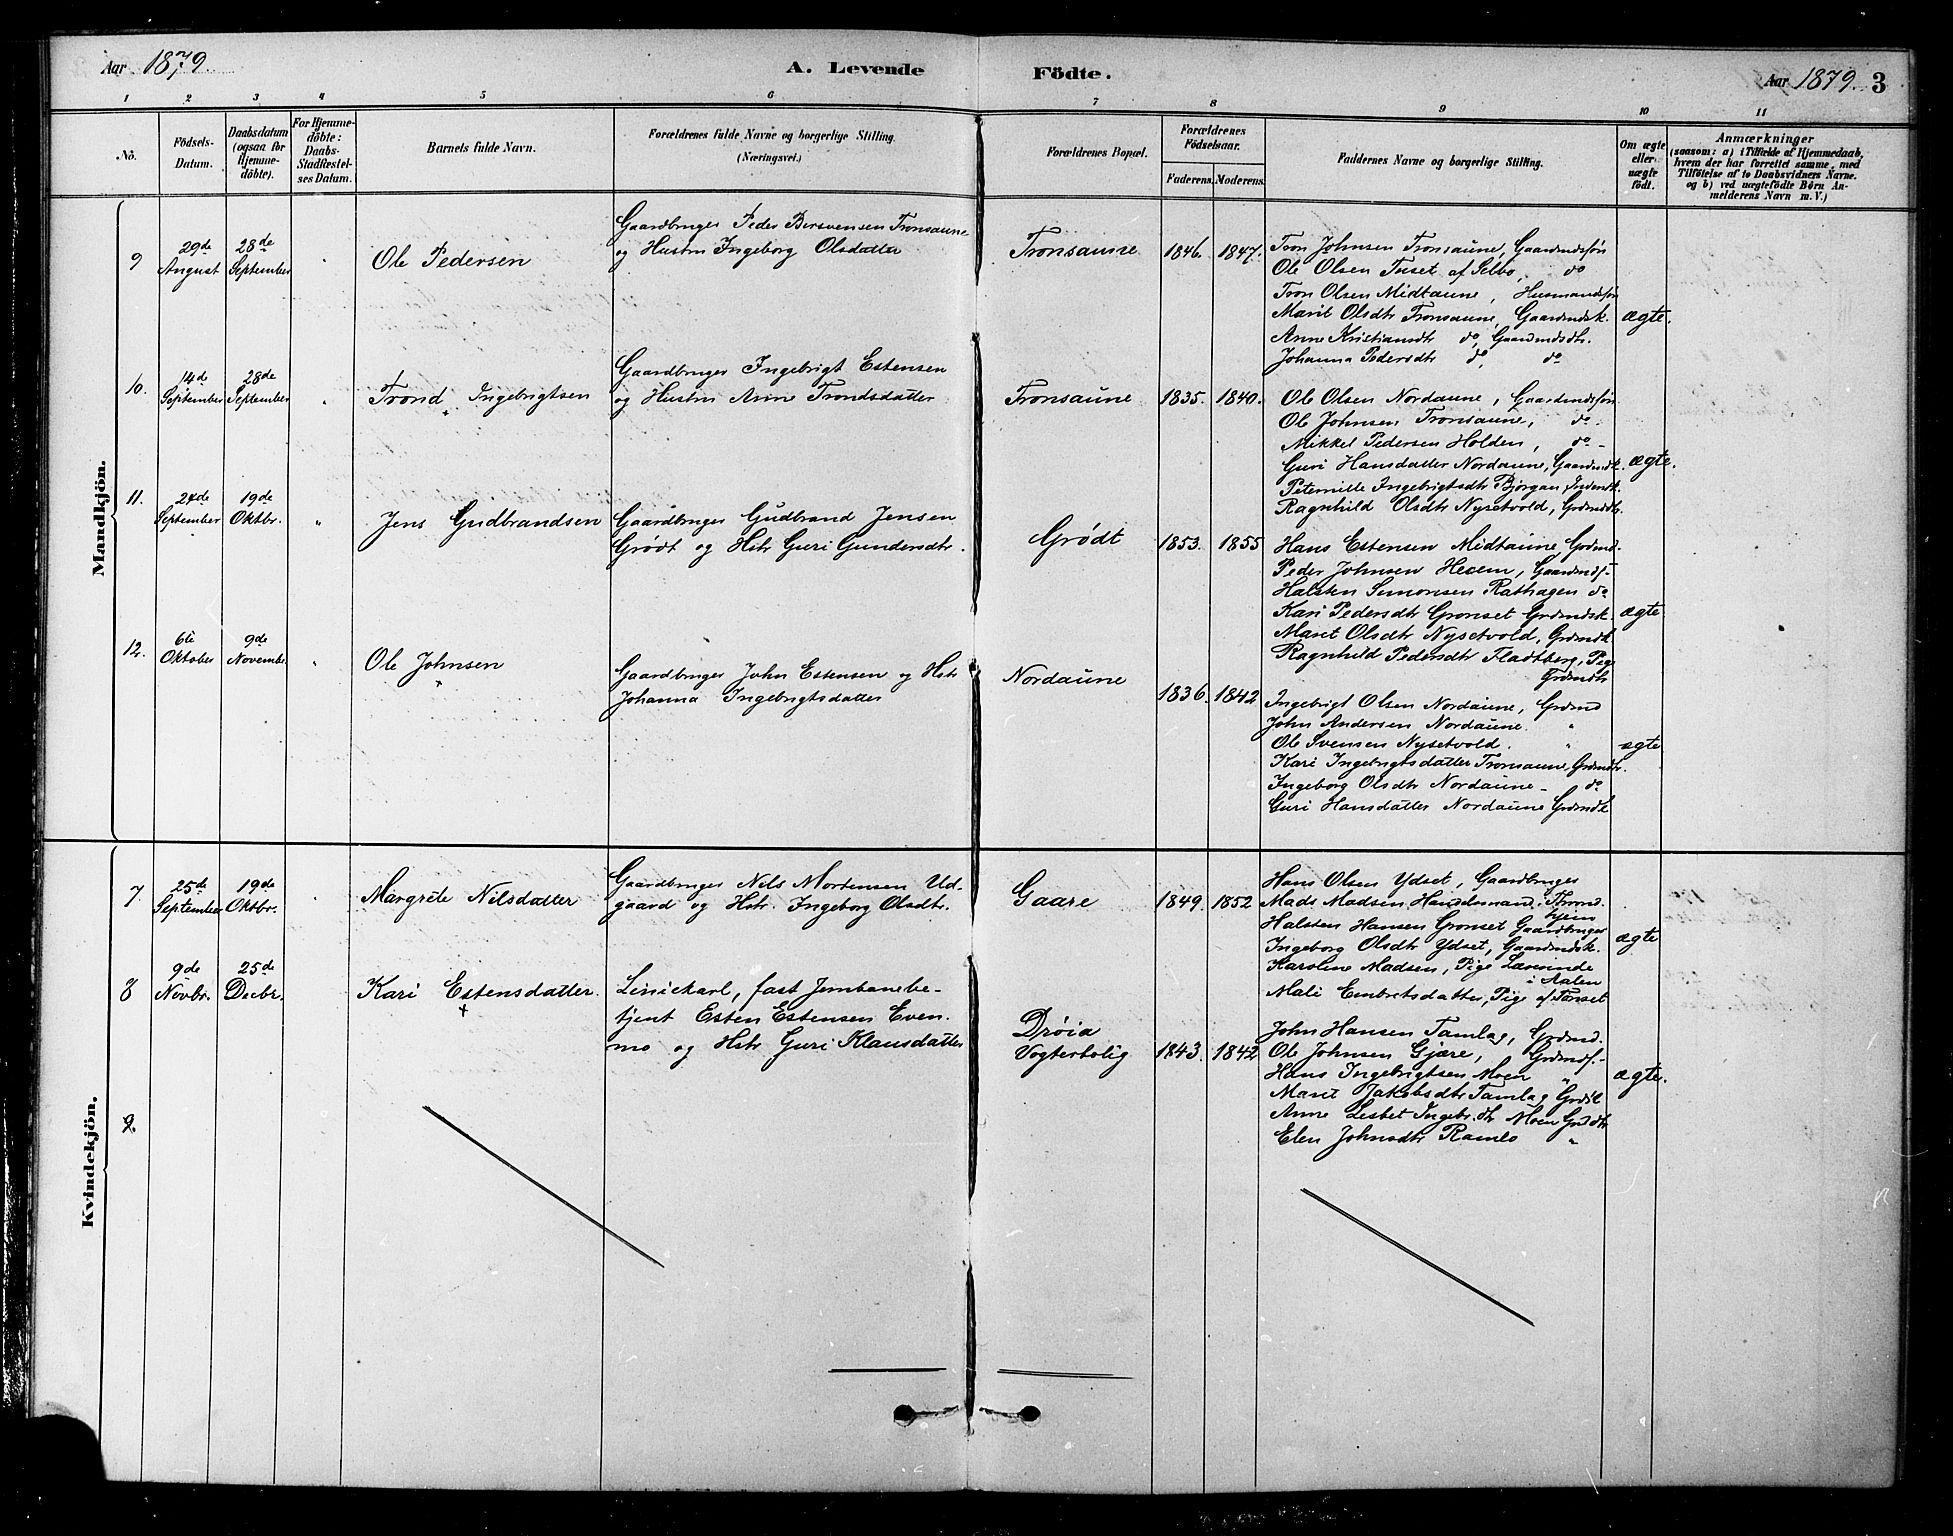 SAT, Ministerialprotokoller, klokkerbøker og fødselsregistre - Sør-Trøndelag, 685/L0972: Ministerialbok nr. 685A09, 1879-1890, s. 3